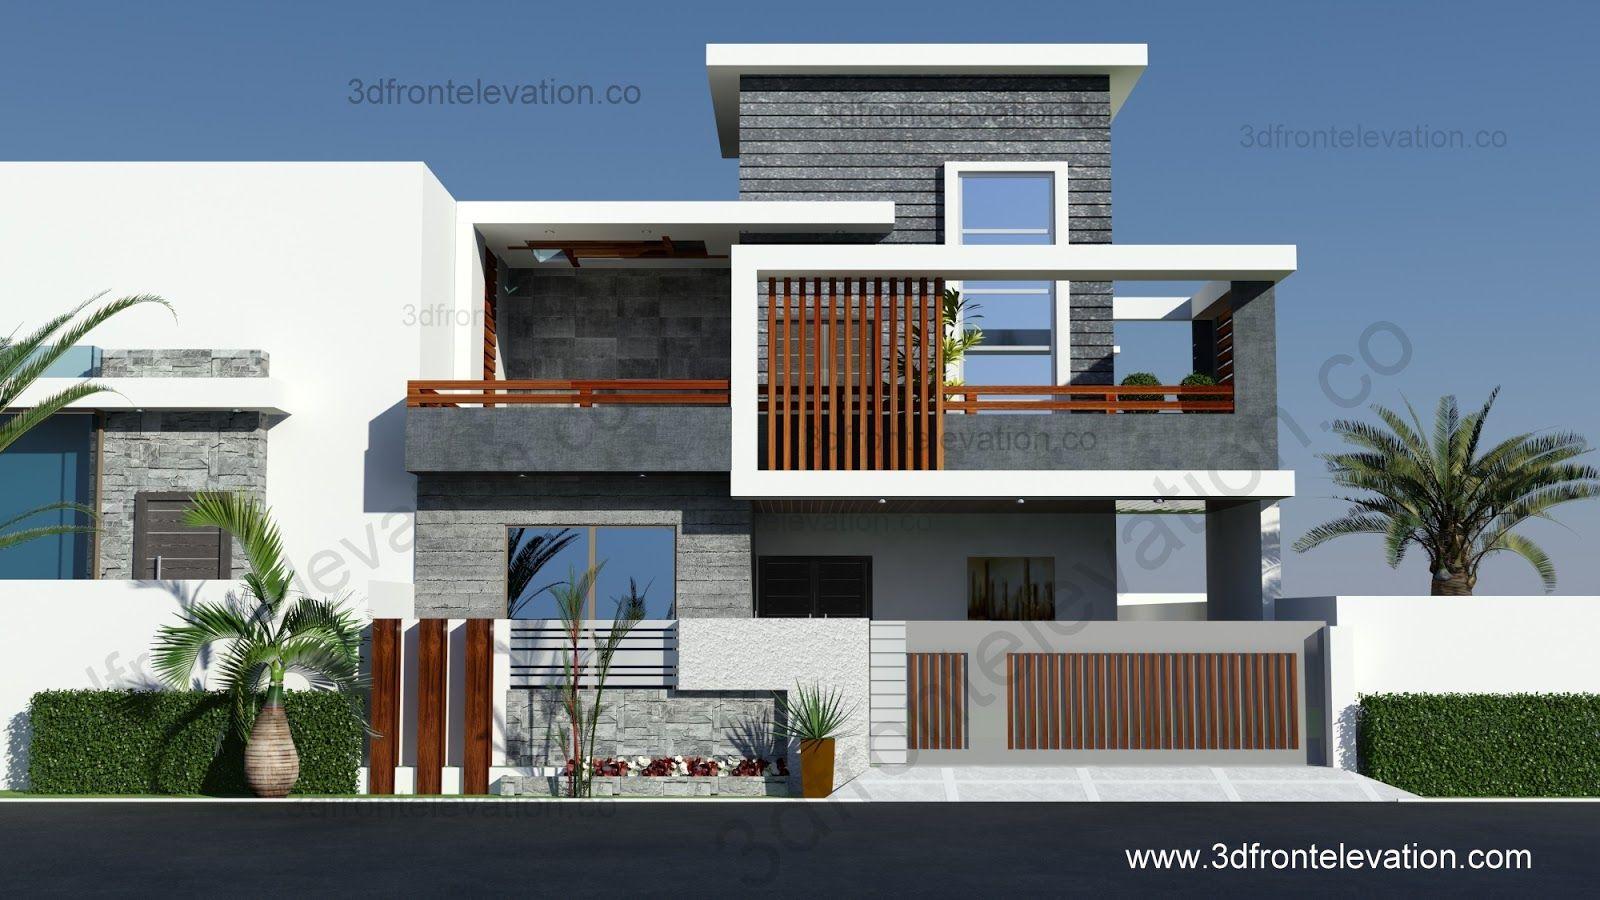 Best Kitchen Gallery: Modern House Front Elevation Designs Buscar Con Google Fachadas of Front Modern House Designs on rachelxblog.com